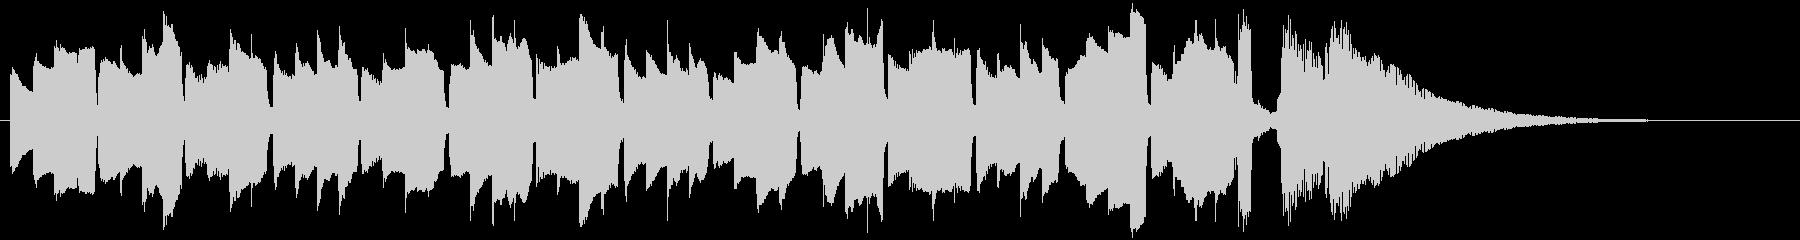 アコギの優しいシンプルアルペジオの未再生の波形